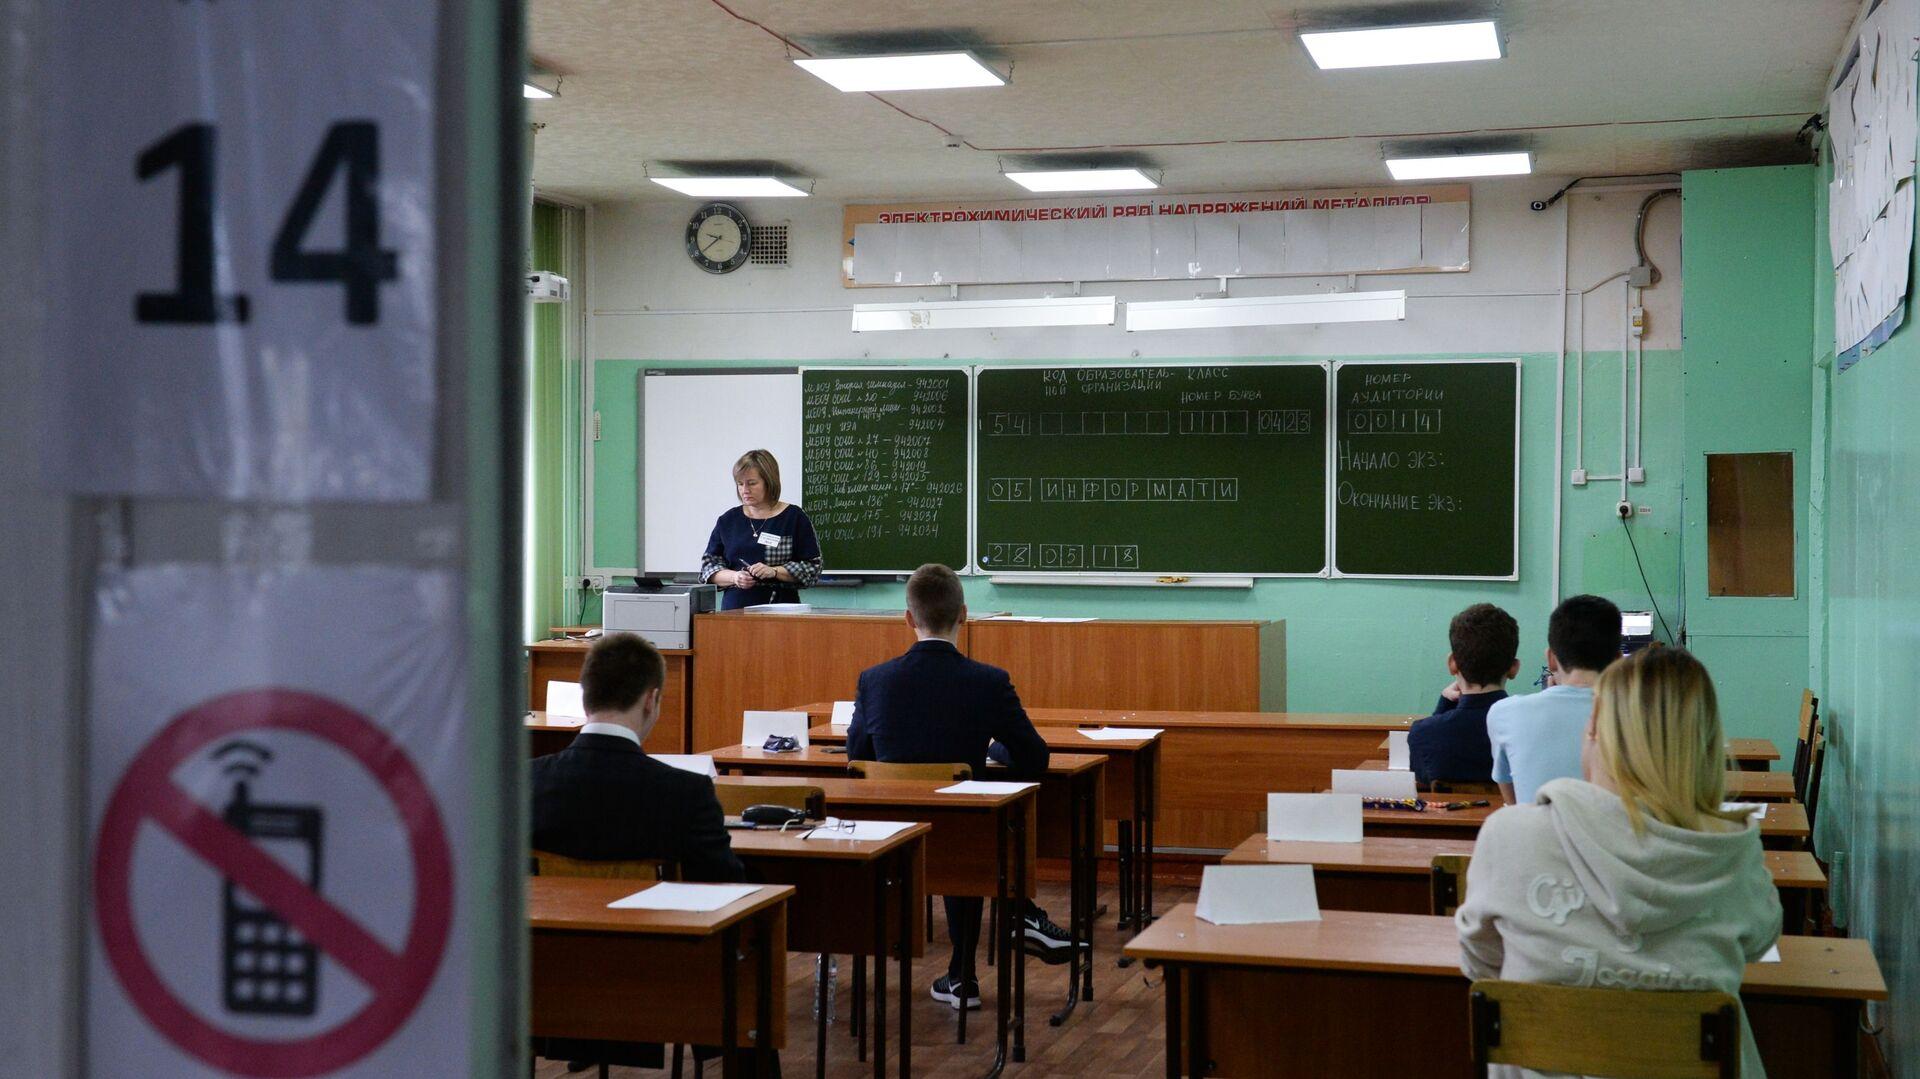 Учащиеся во время тестирования, архивное фото - Sputnik Беларусь, 1920, 14.04.2021